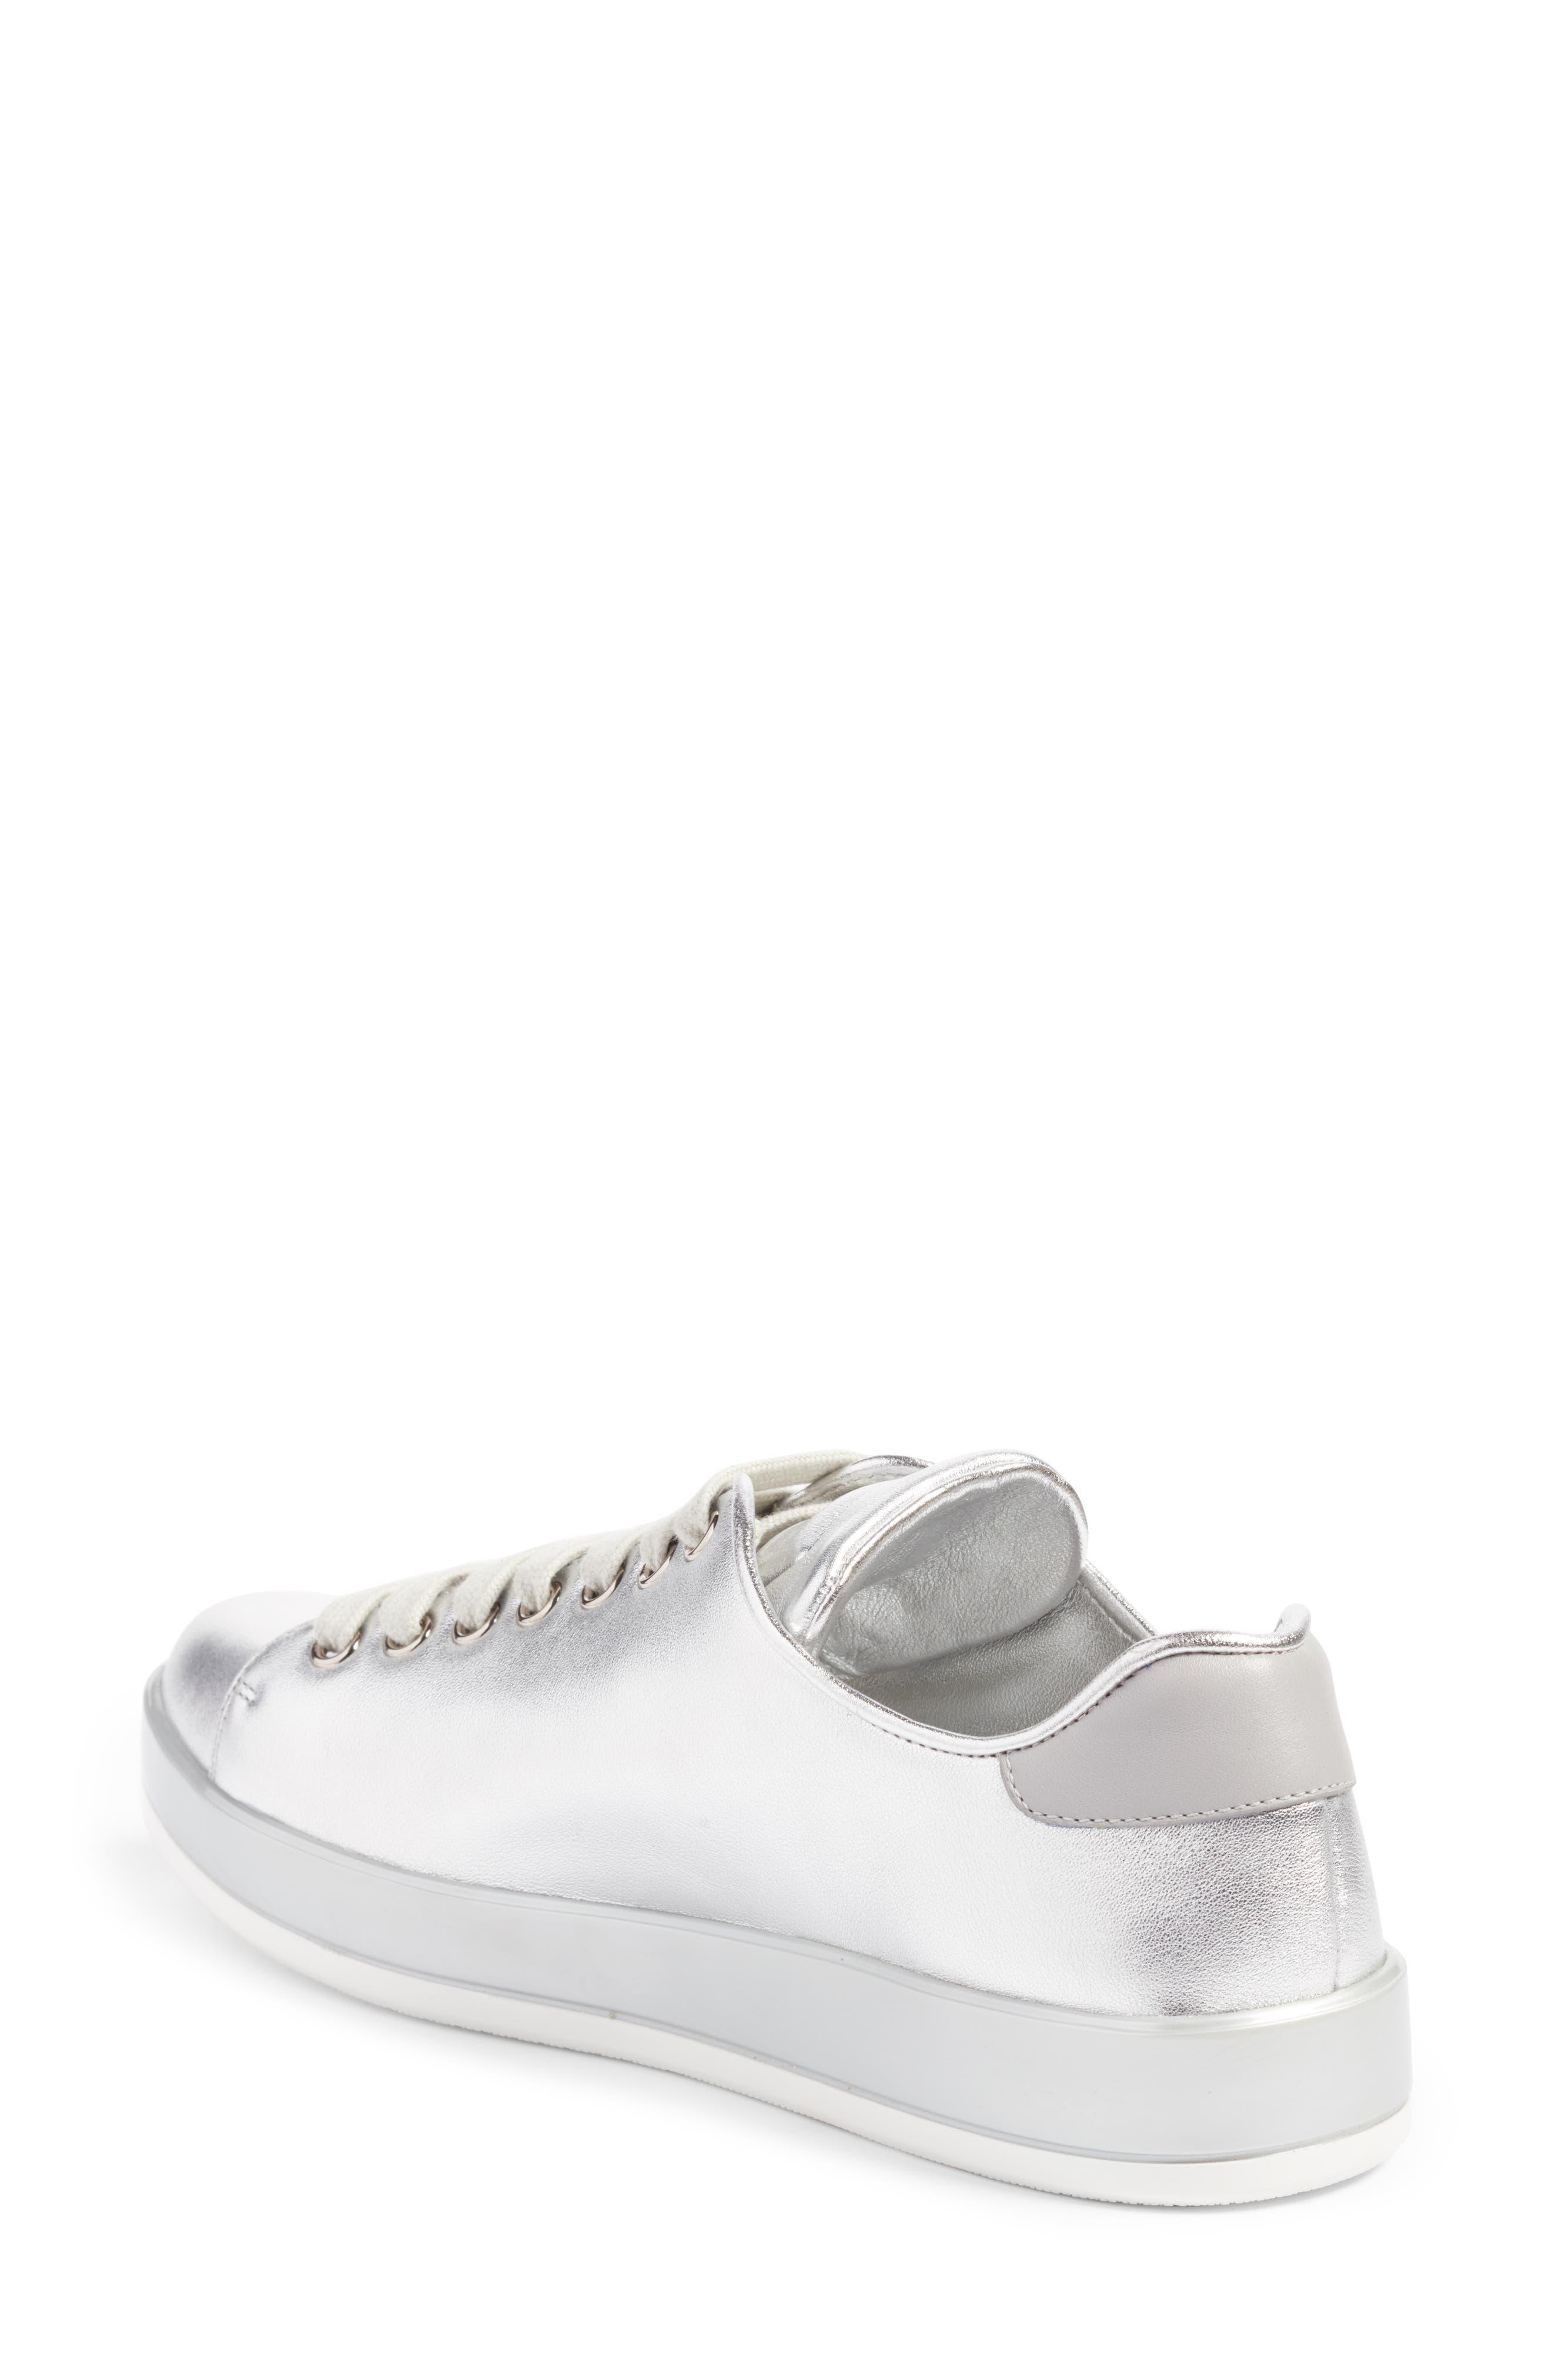 Alternate Image 2  - Prada Low Top Sneaker (Women)